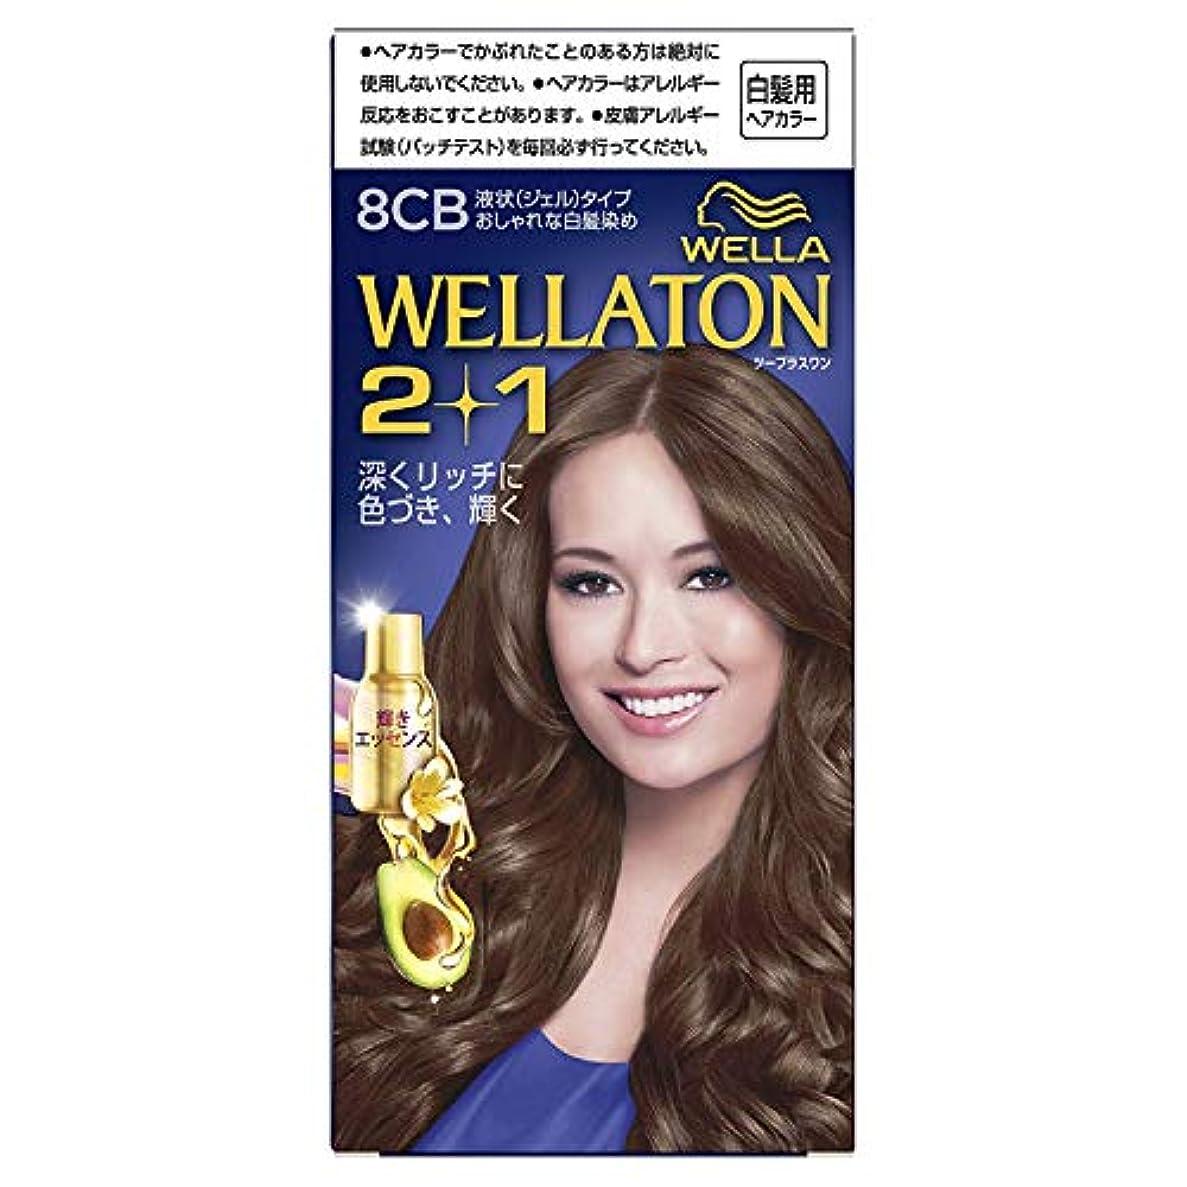 蜜バスルーム適応するウエラトーン2+1 白髪染め 液状タイプ 8CB [医薬部外品] ×6個